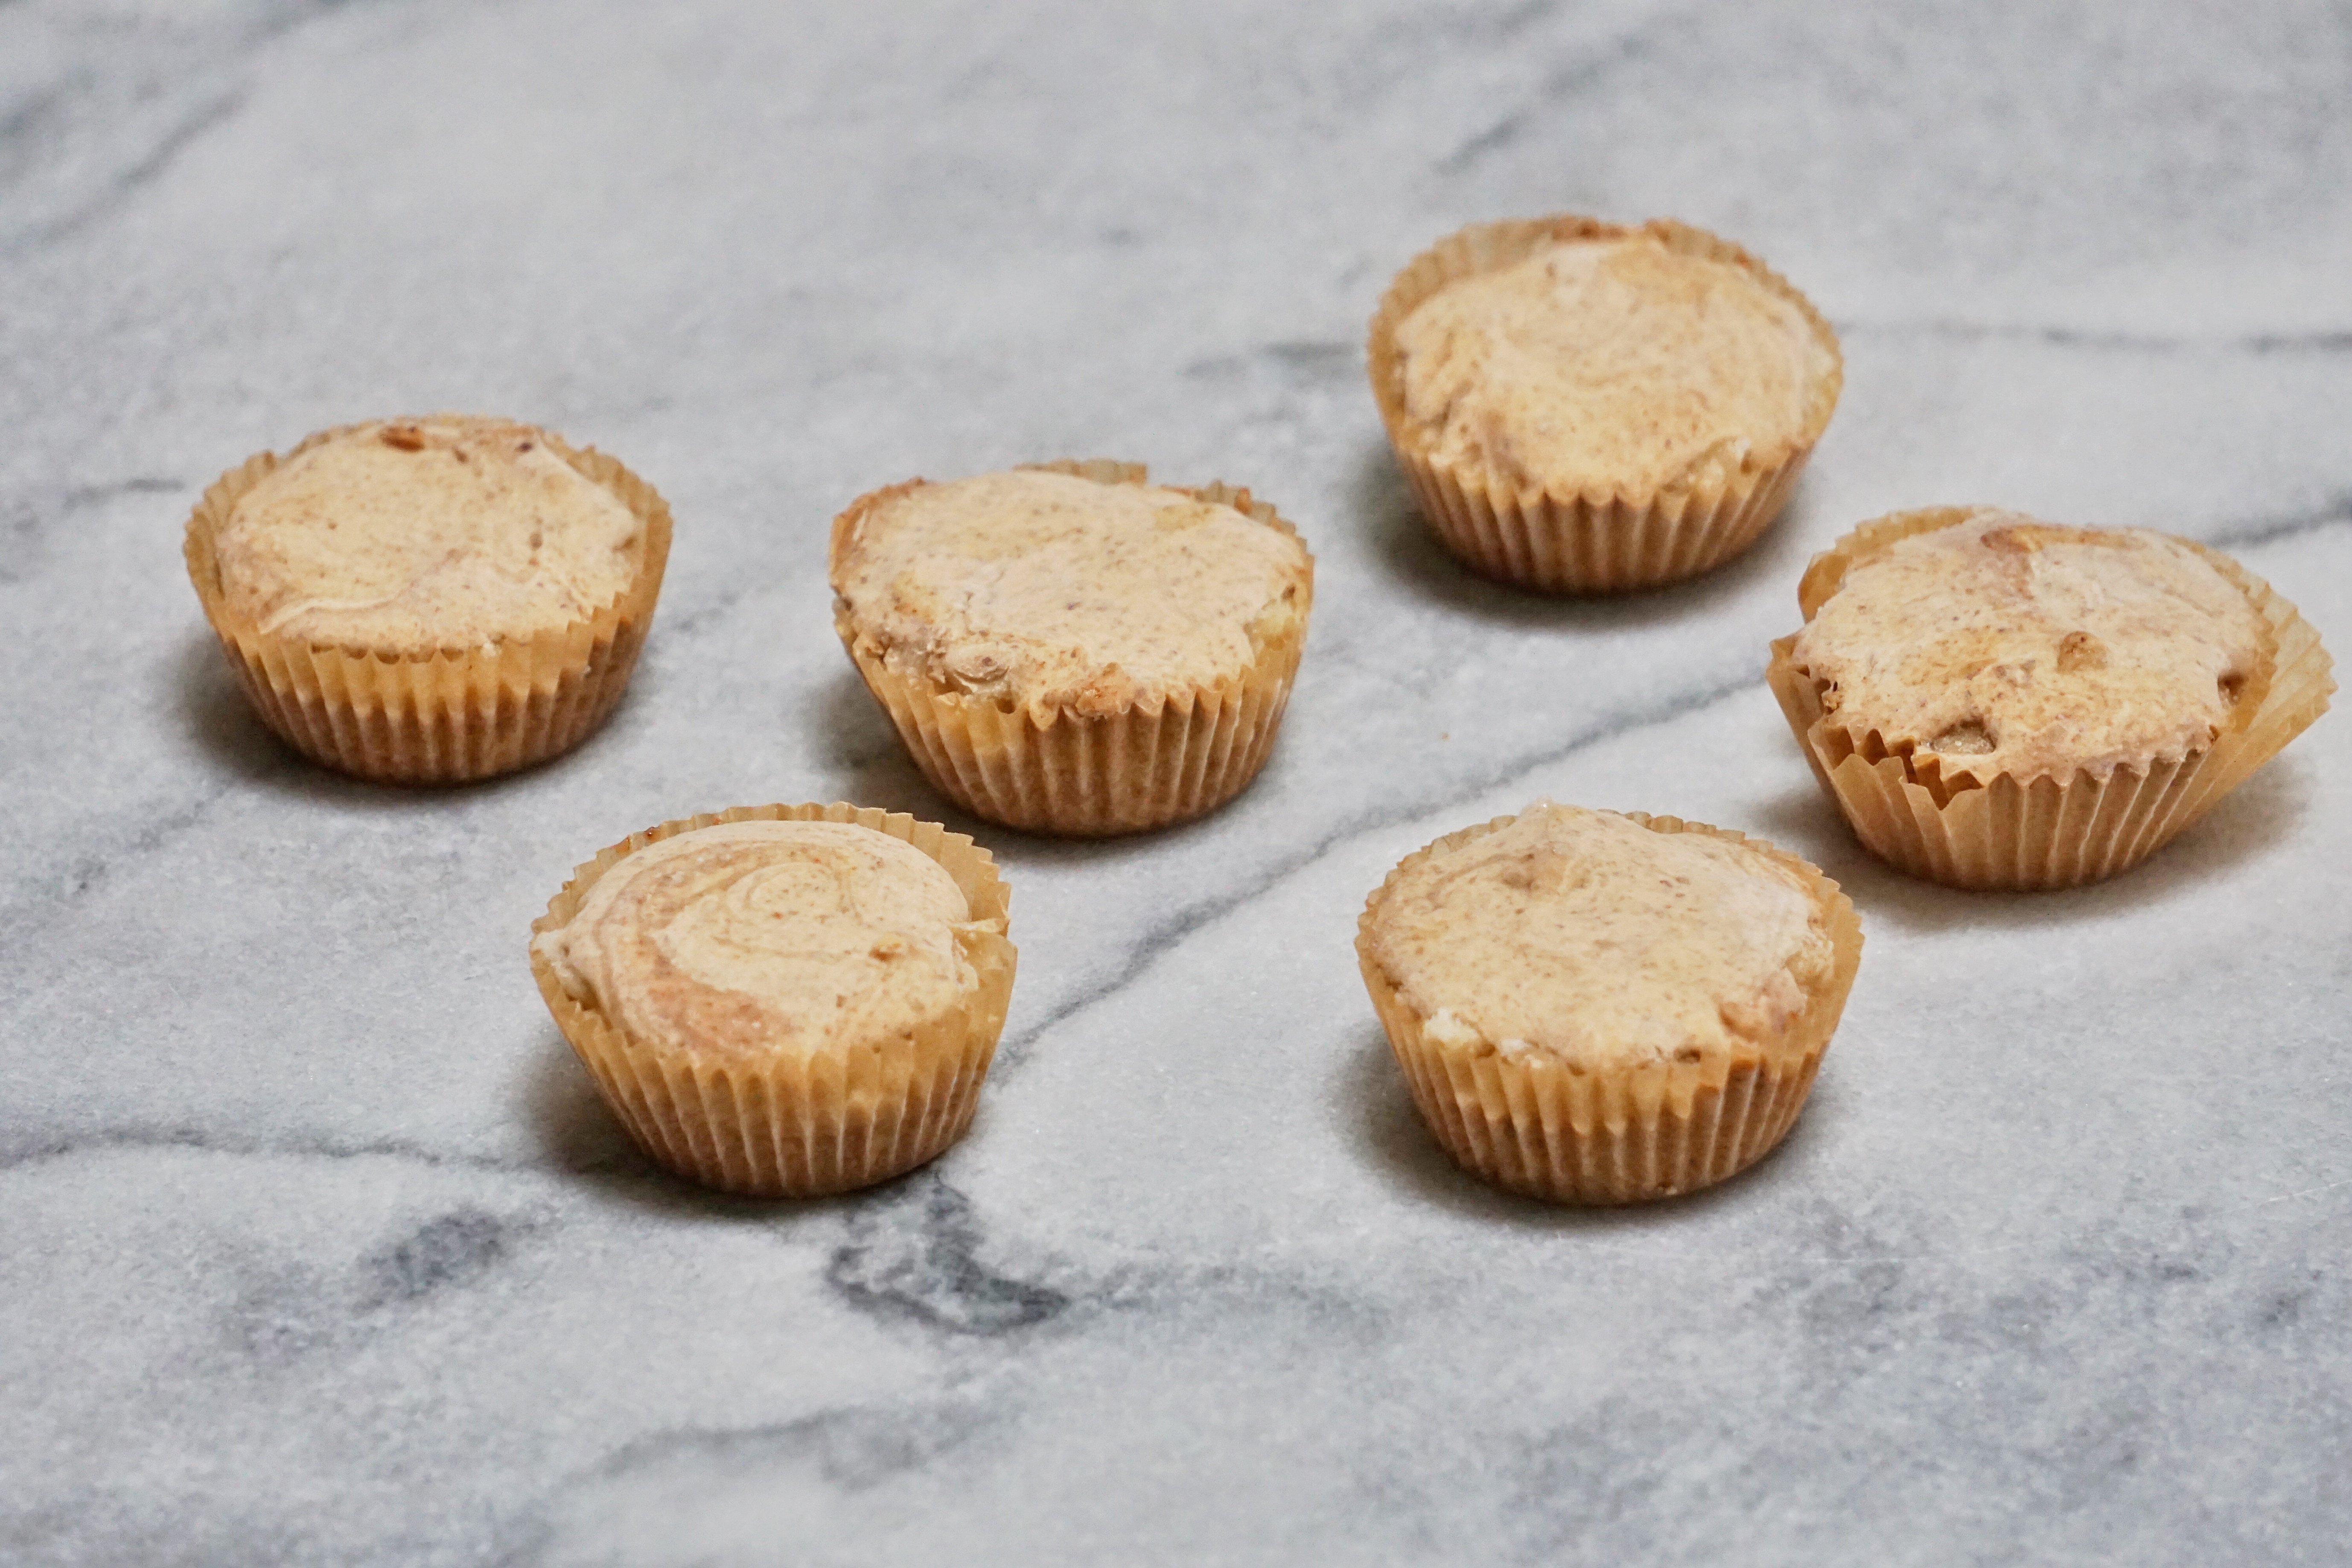 Almond Butter Banana Cups Leahs Plate5 - Almond Butter & Banana Cups